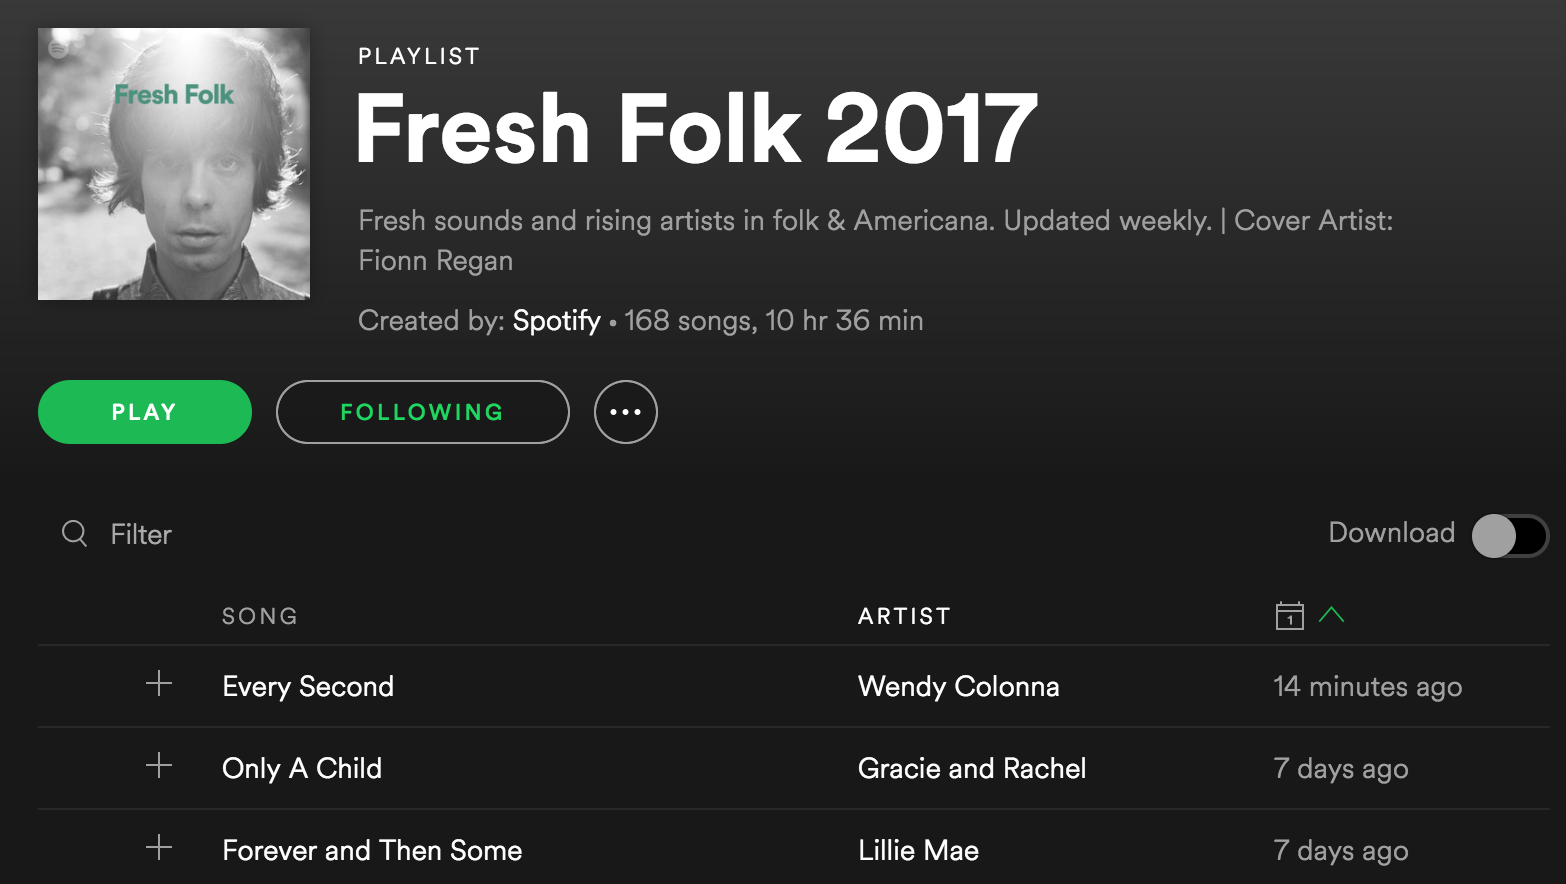 Spotify Fresh Folk 2017